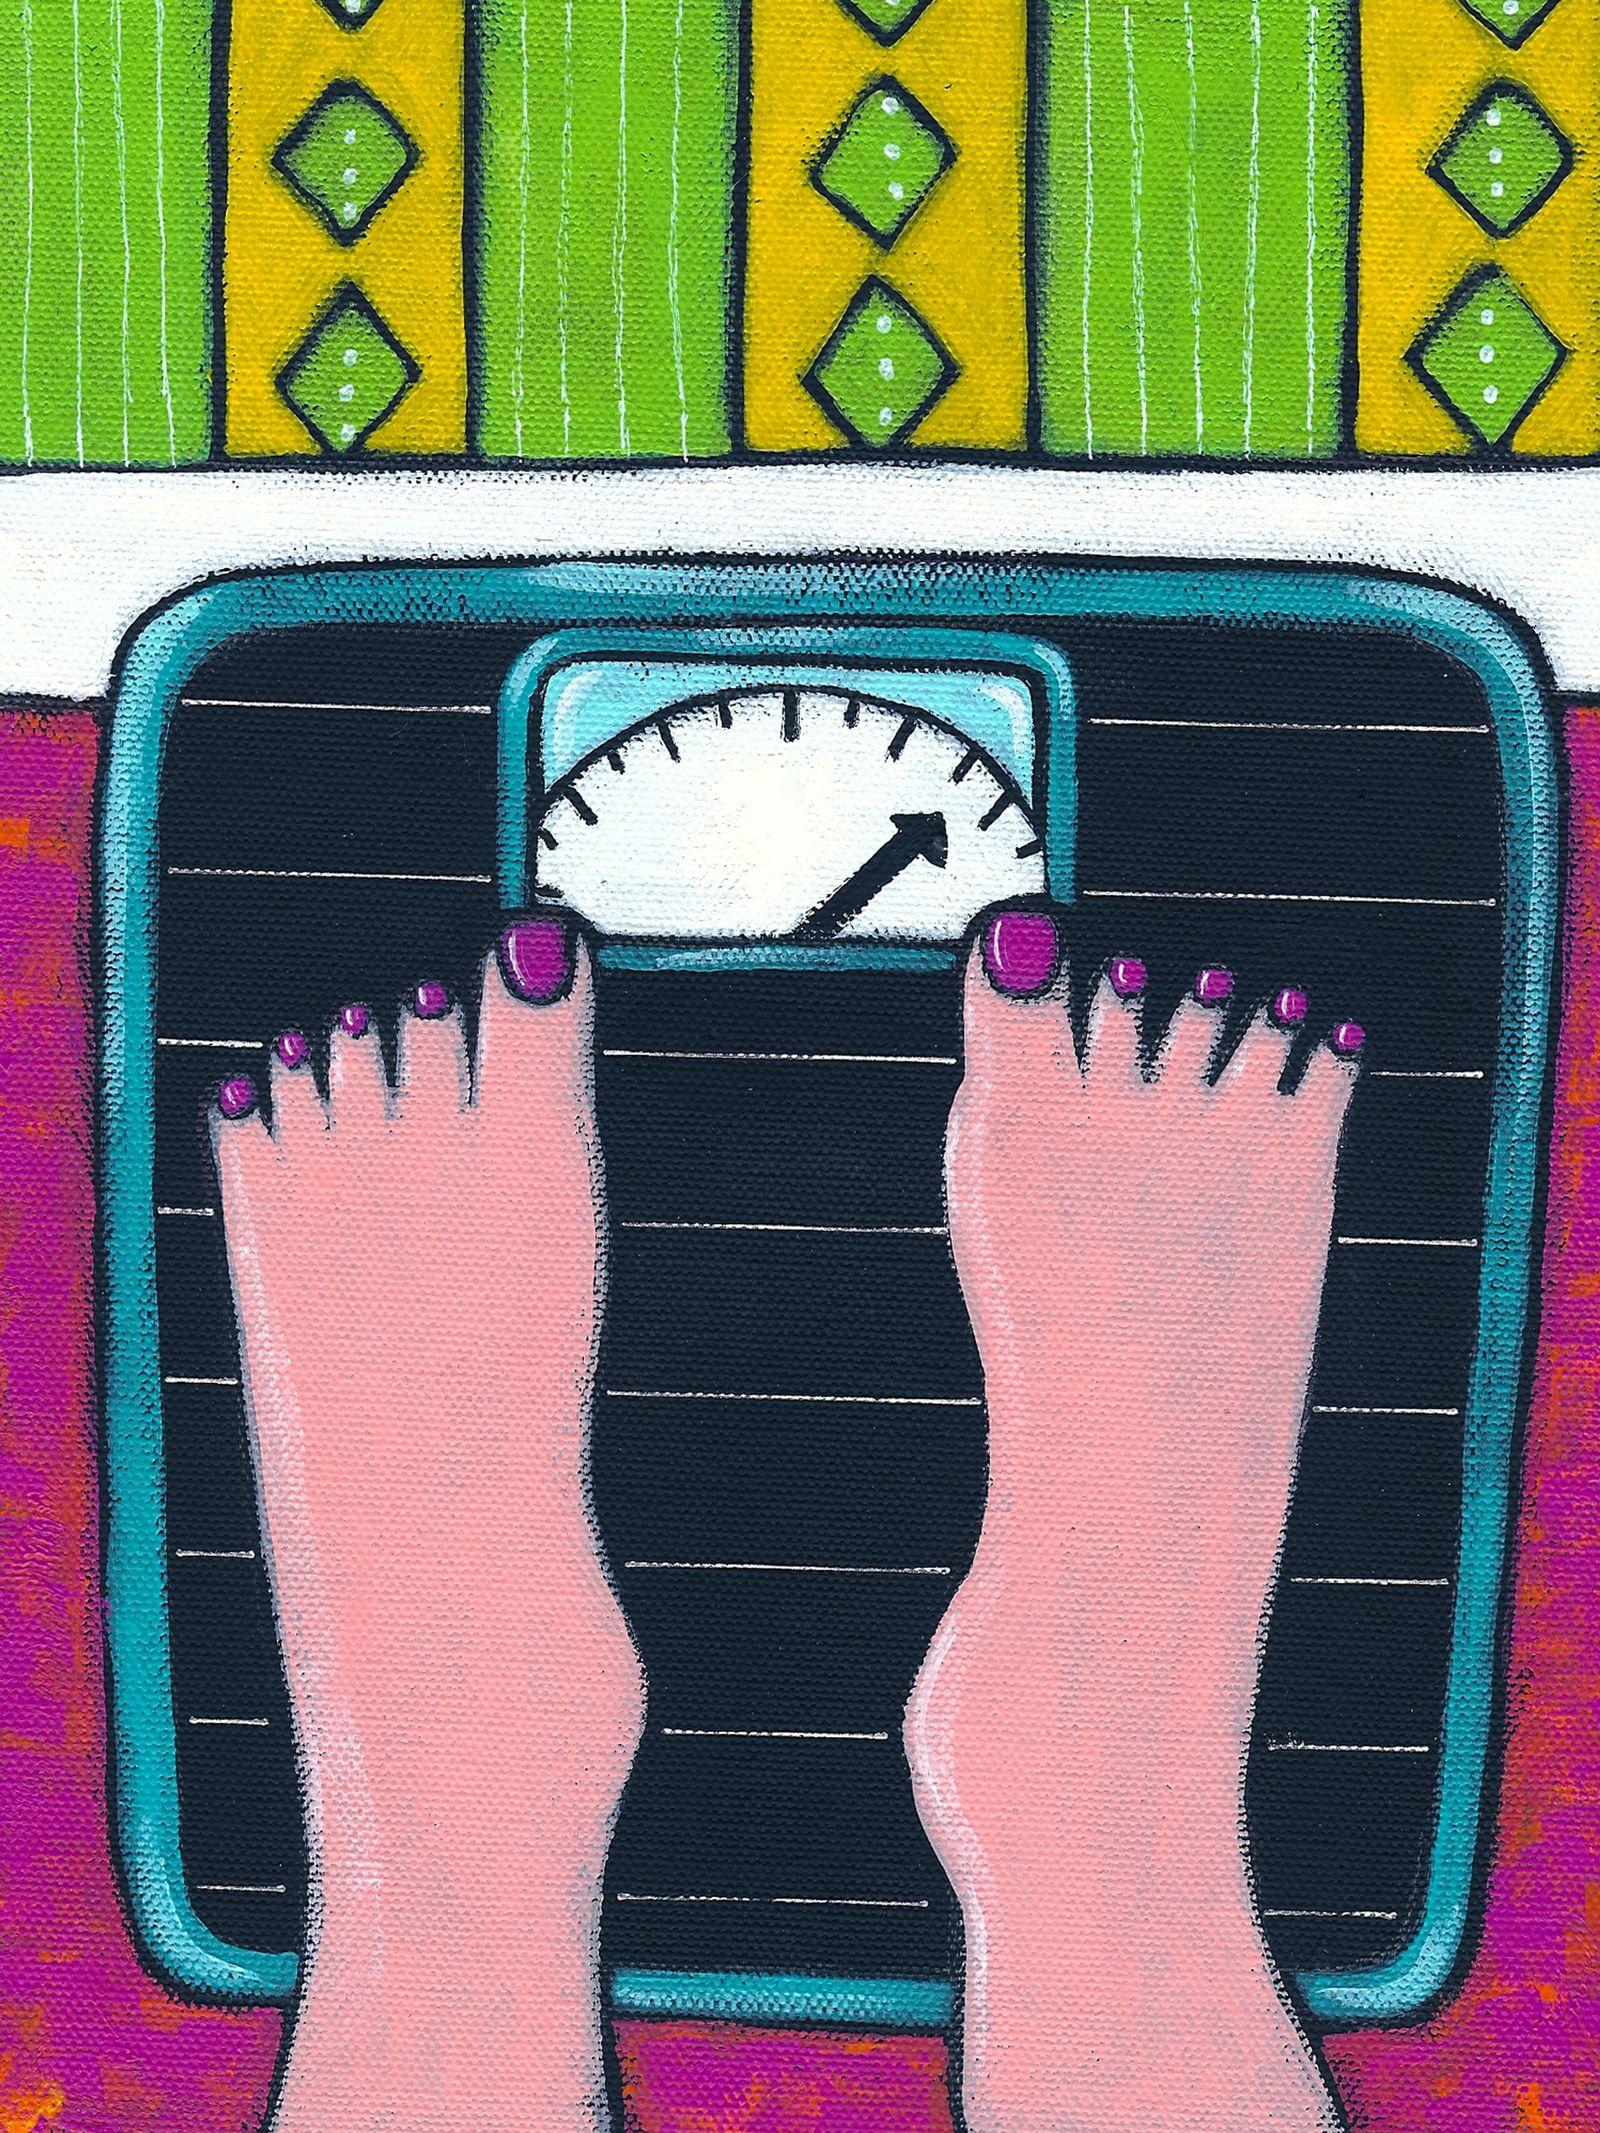 NICHT MEHR VERWENDEN! - Illustration / Waage / Gewicht